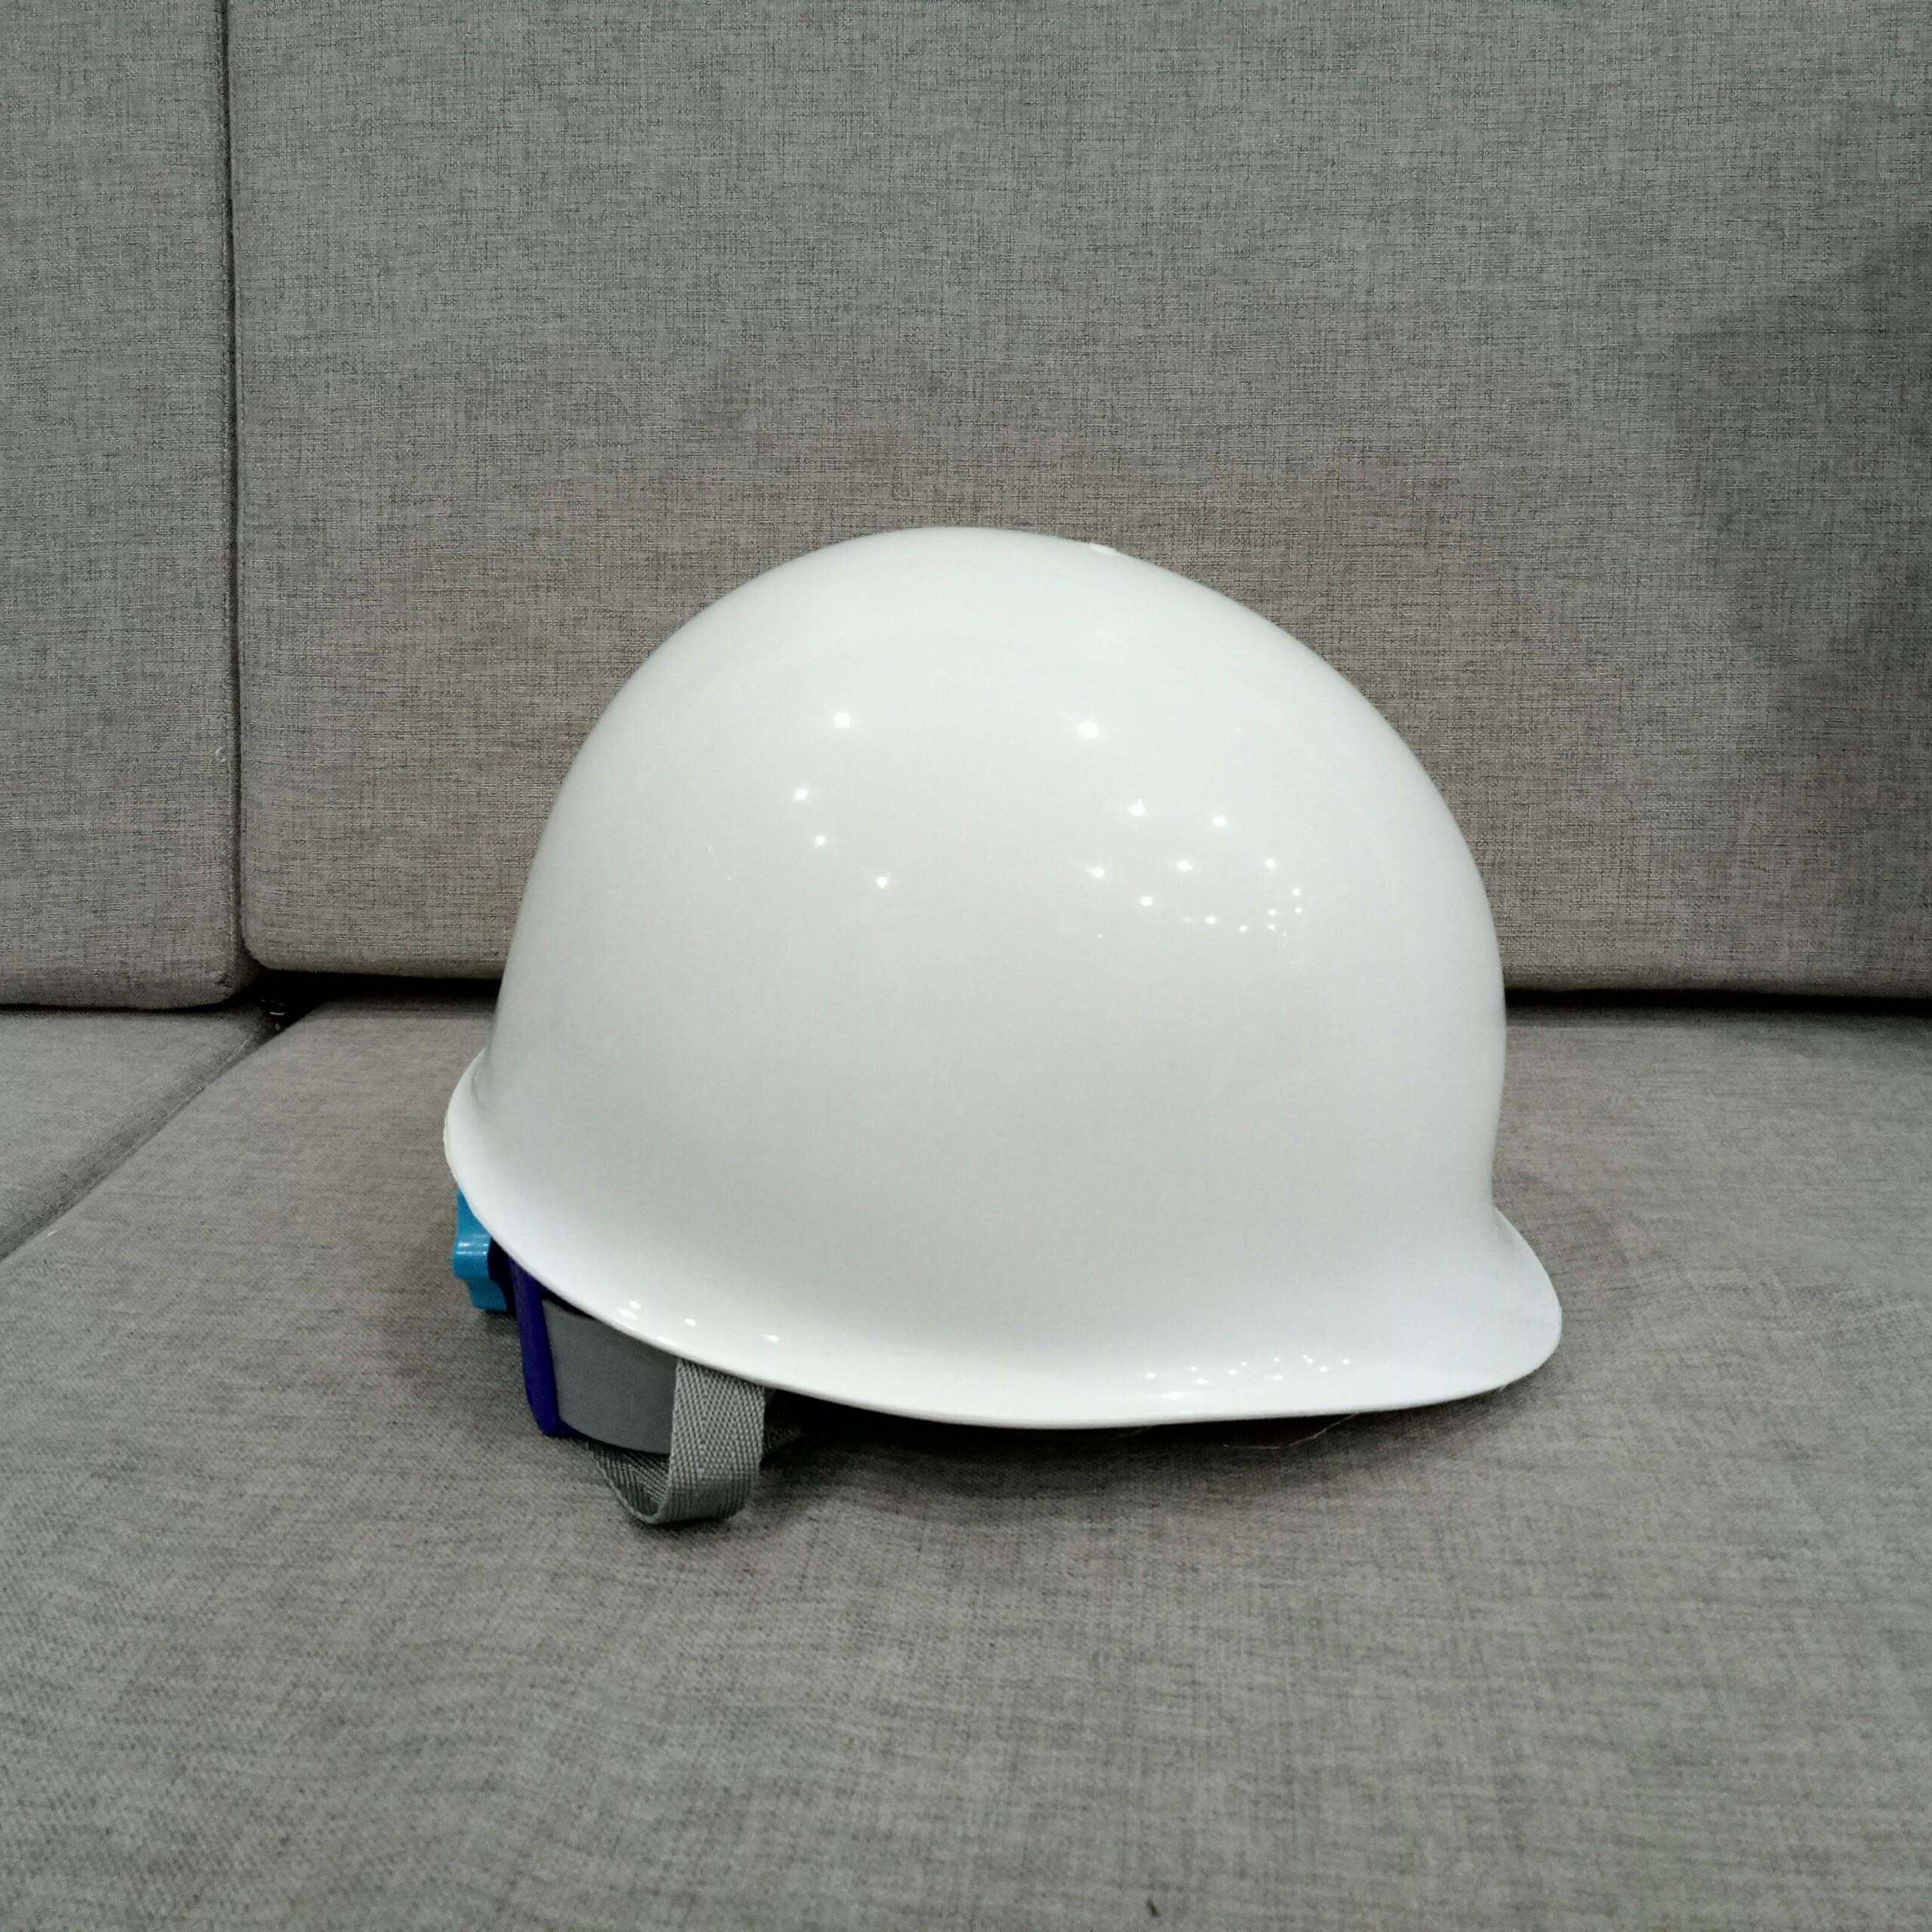 [HCM] HOT SALE Nón bảo hộ kiểu Nhật Bản, chống va đập và khóa vặn điều chính tiện lợi- Màu trắng- Hình thật